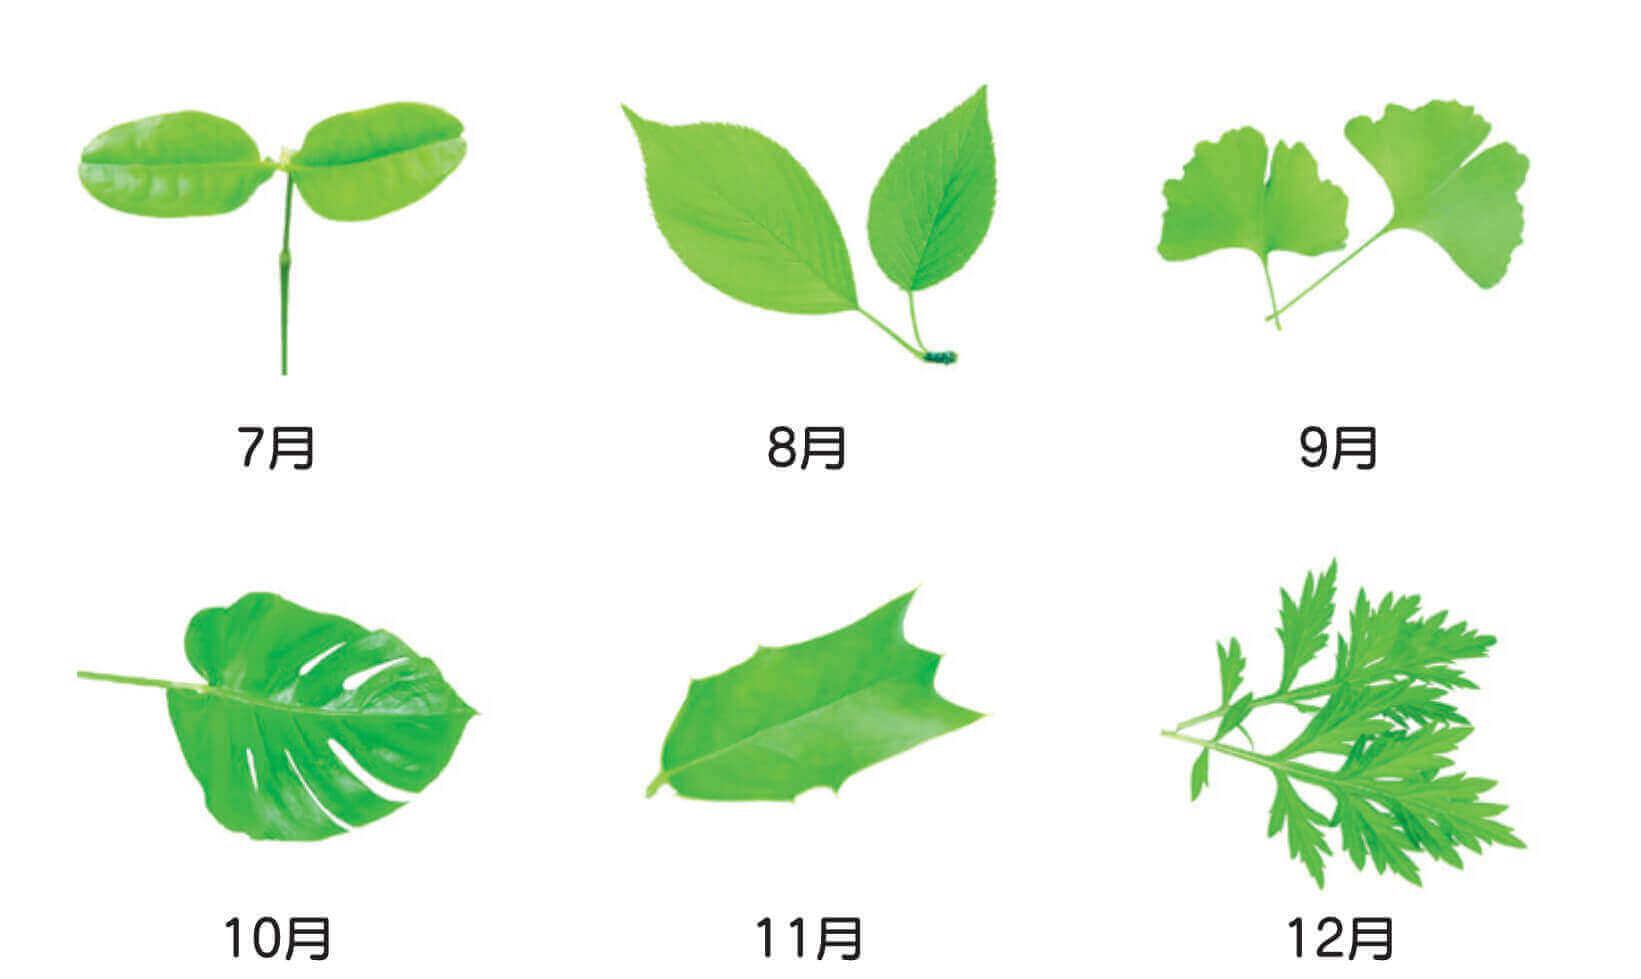 エコグリーンカレンダー 2022年カレンダーの画像